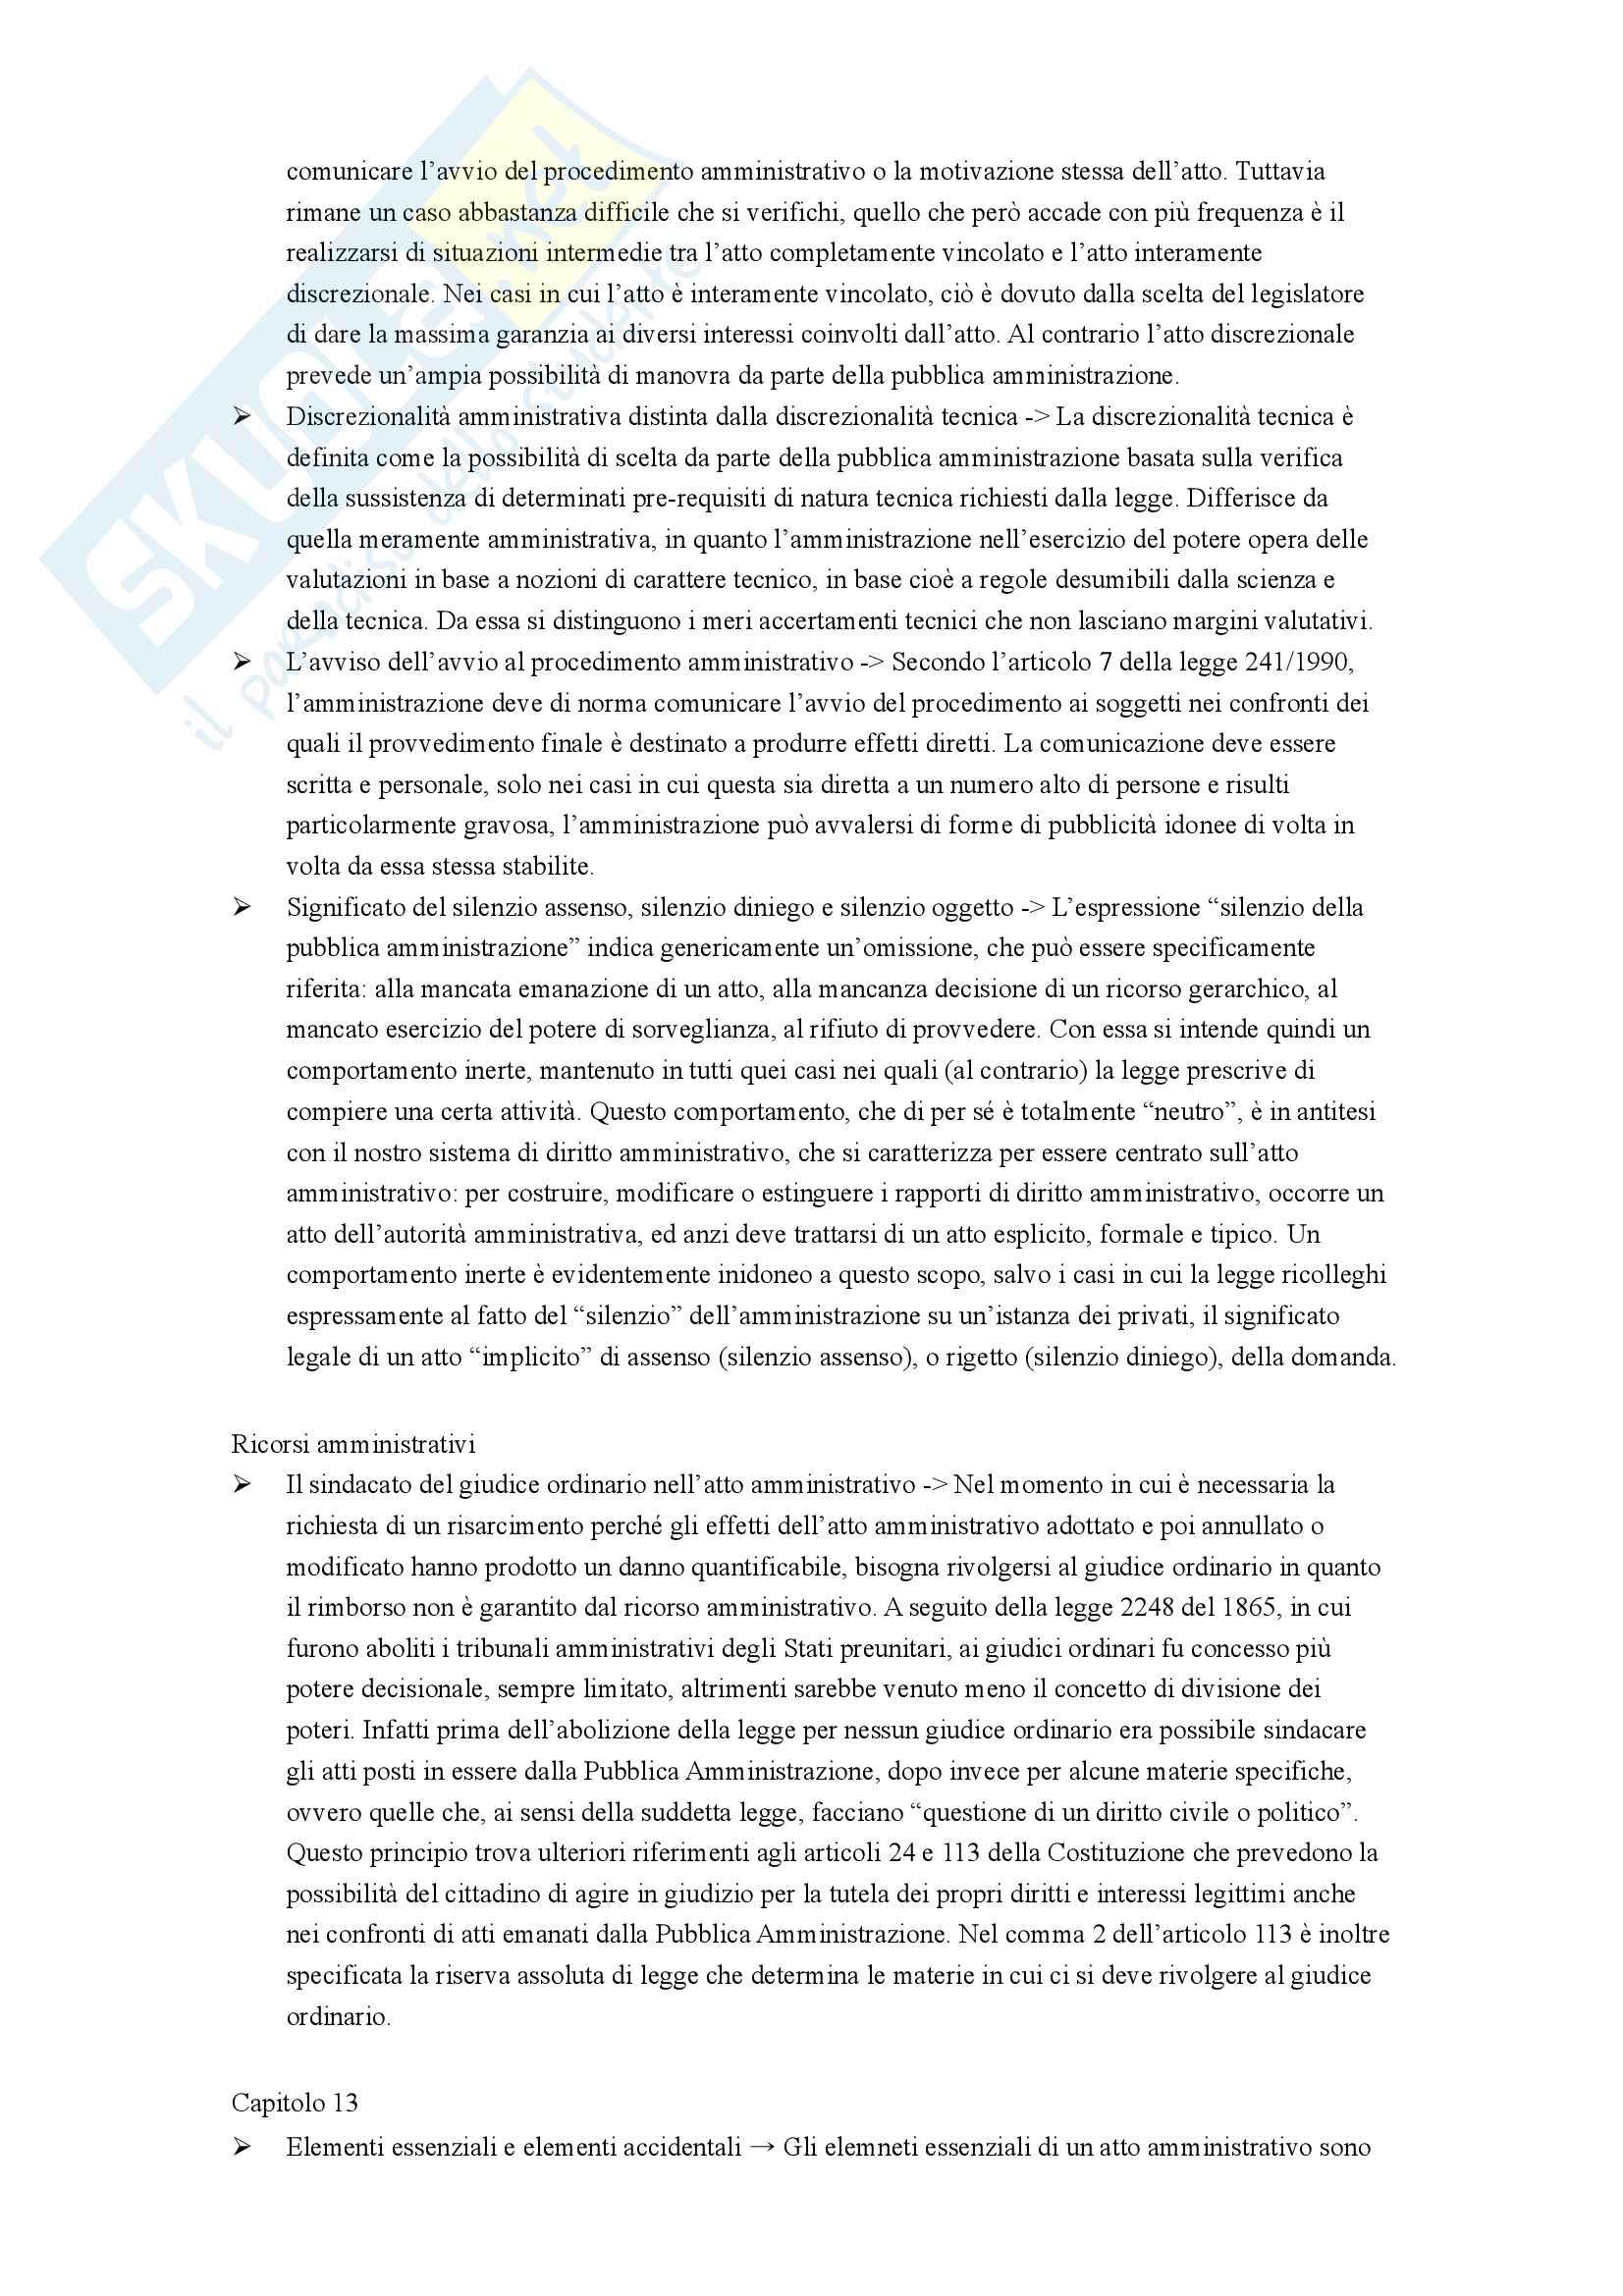 Domande e Risposte Esame Diritto Pubblico Pag. 6